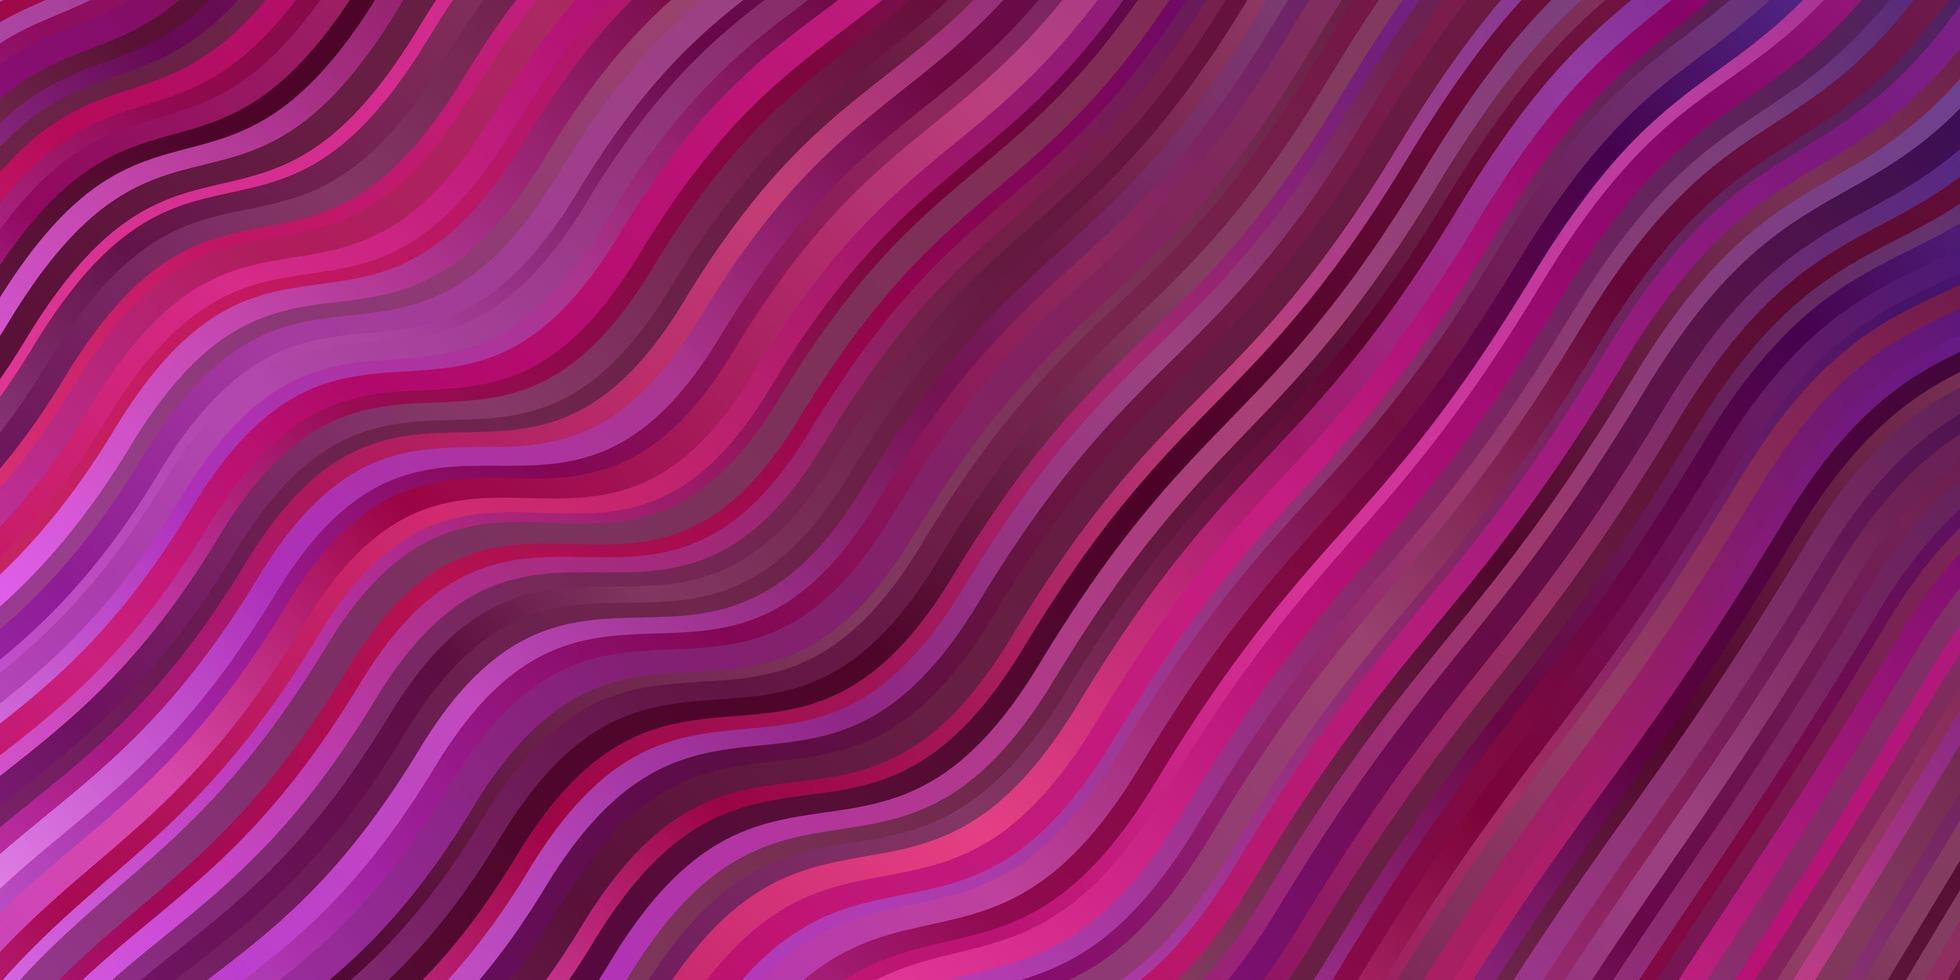 Fondo de vector púrpura, rosa oscuro con curvas.